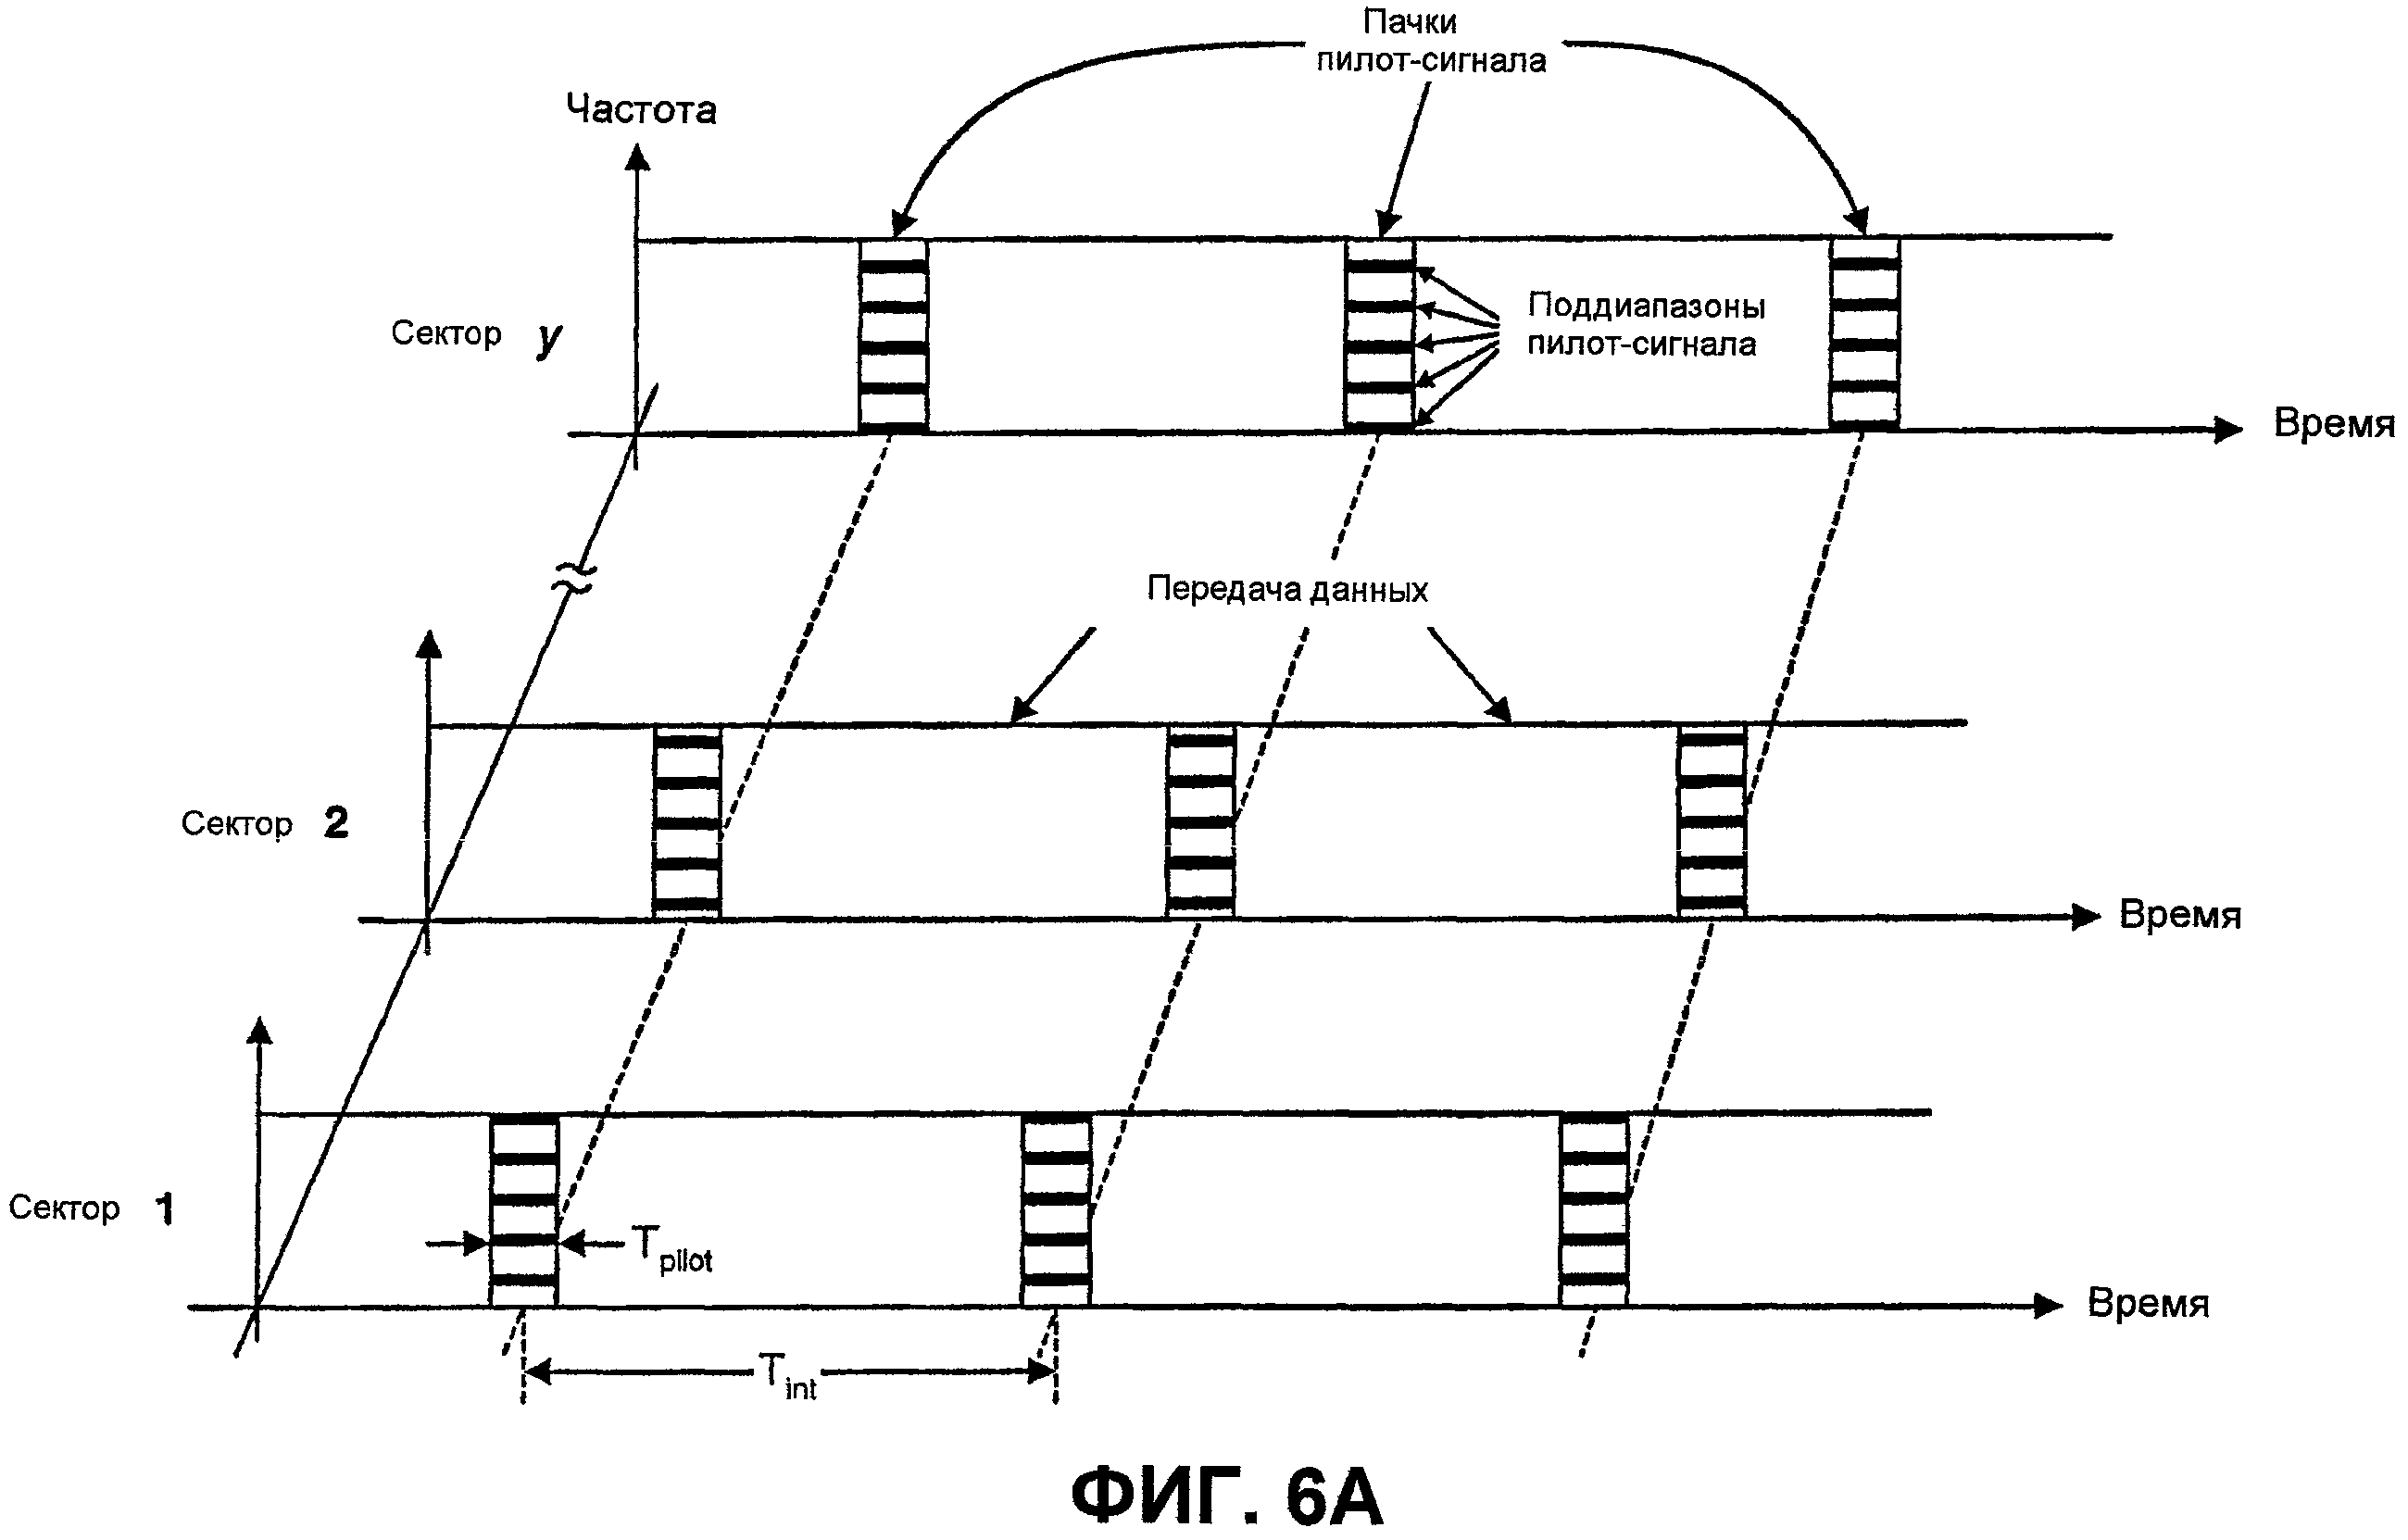 Схемы фильтров пилот